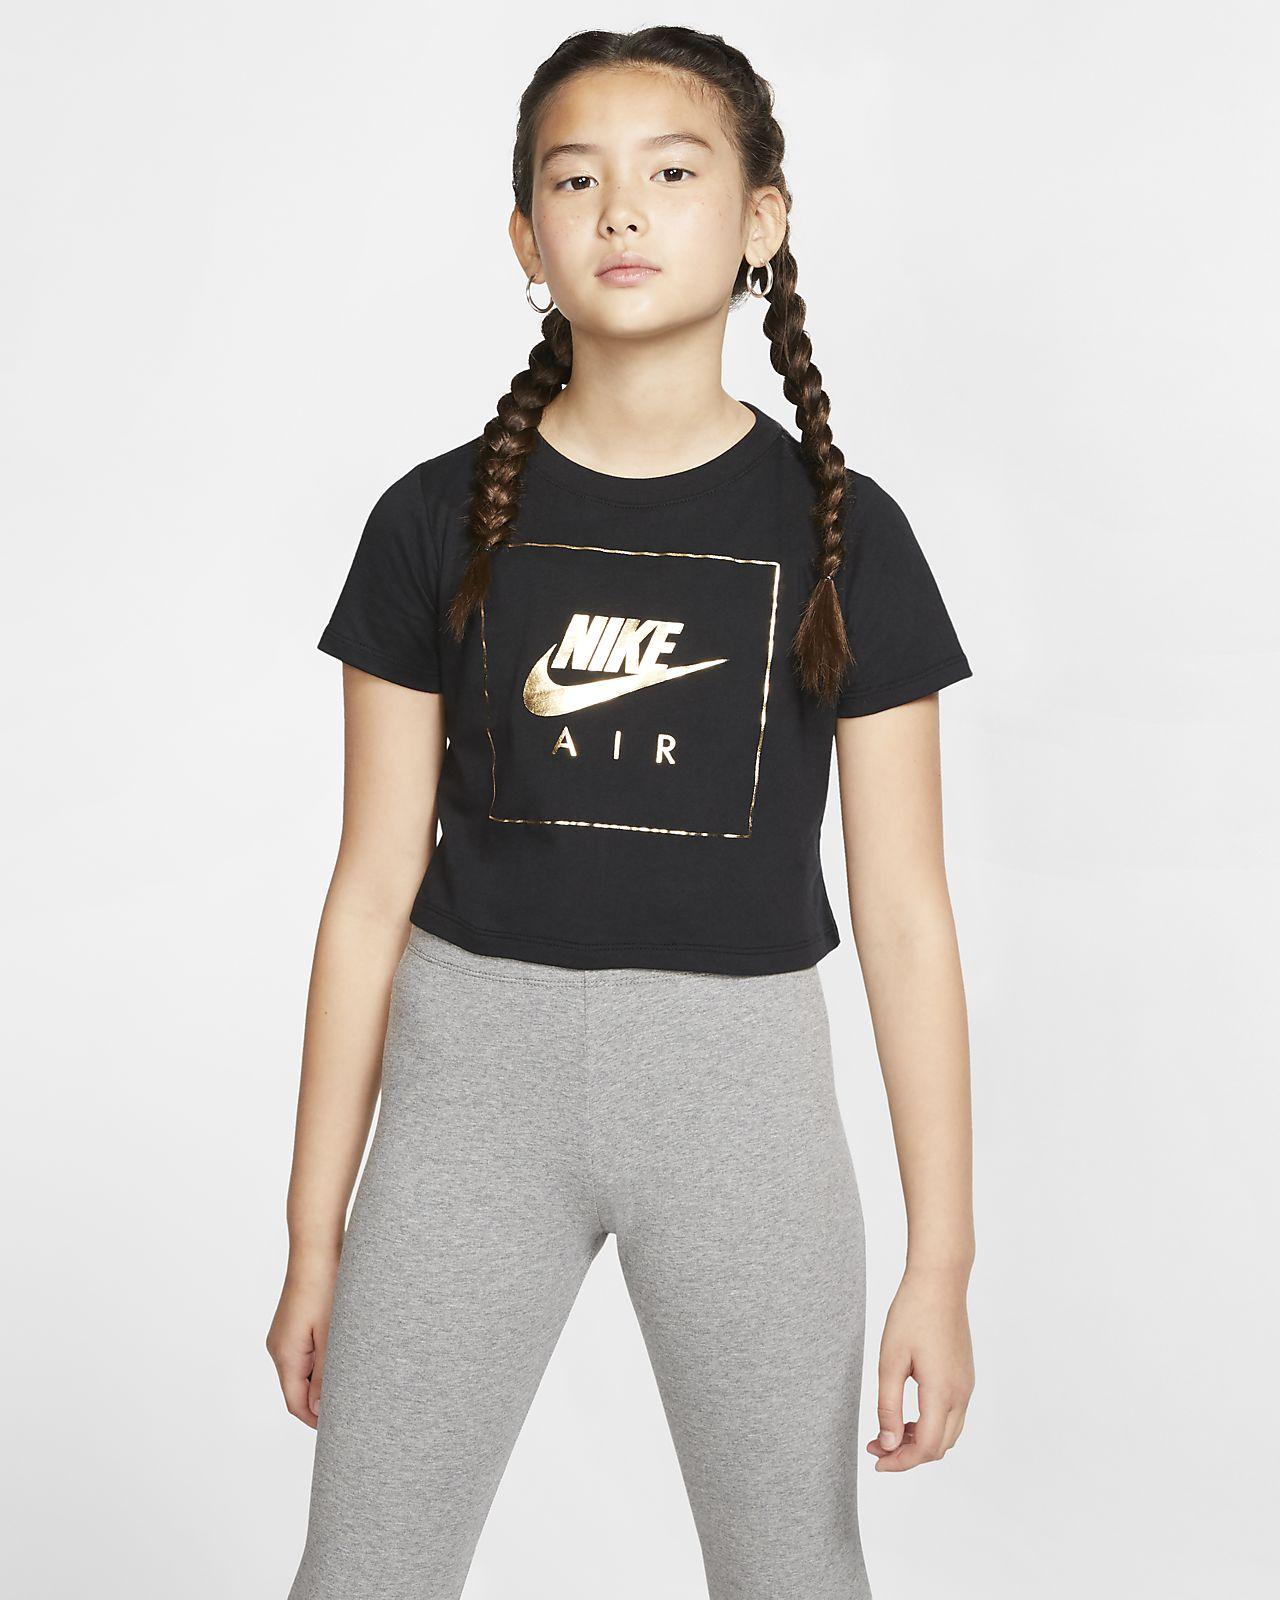 Nike Sportswear Older Kids' Crop Top